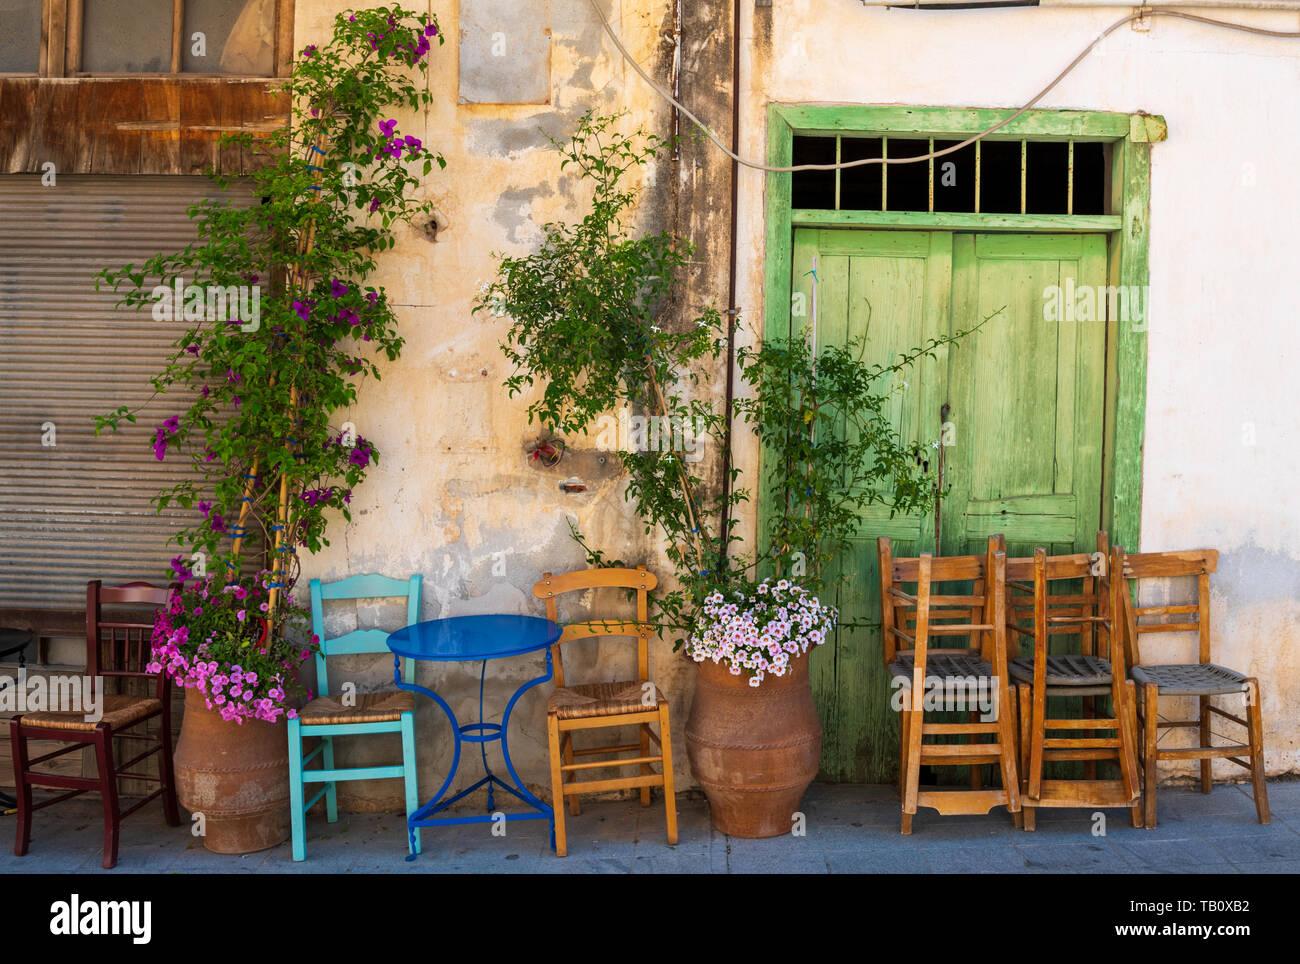 Stacked chairs outside Greek street cafe, Agio Nikolaos, Crete Stock Photo